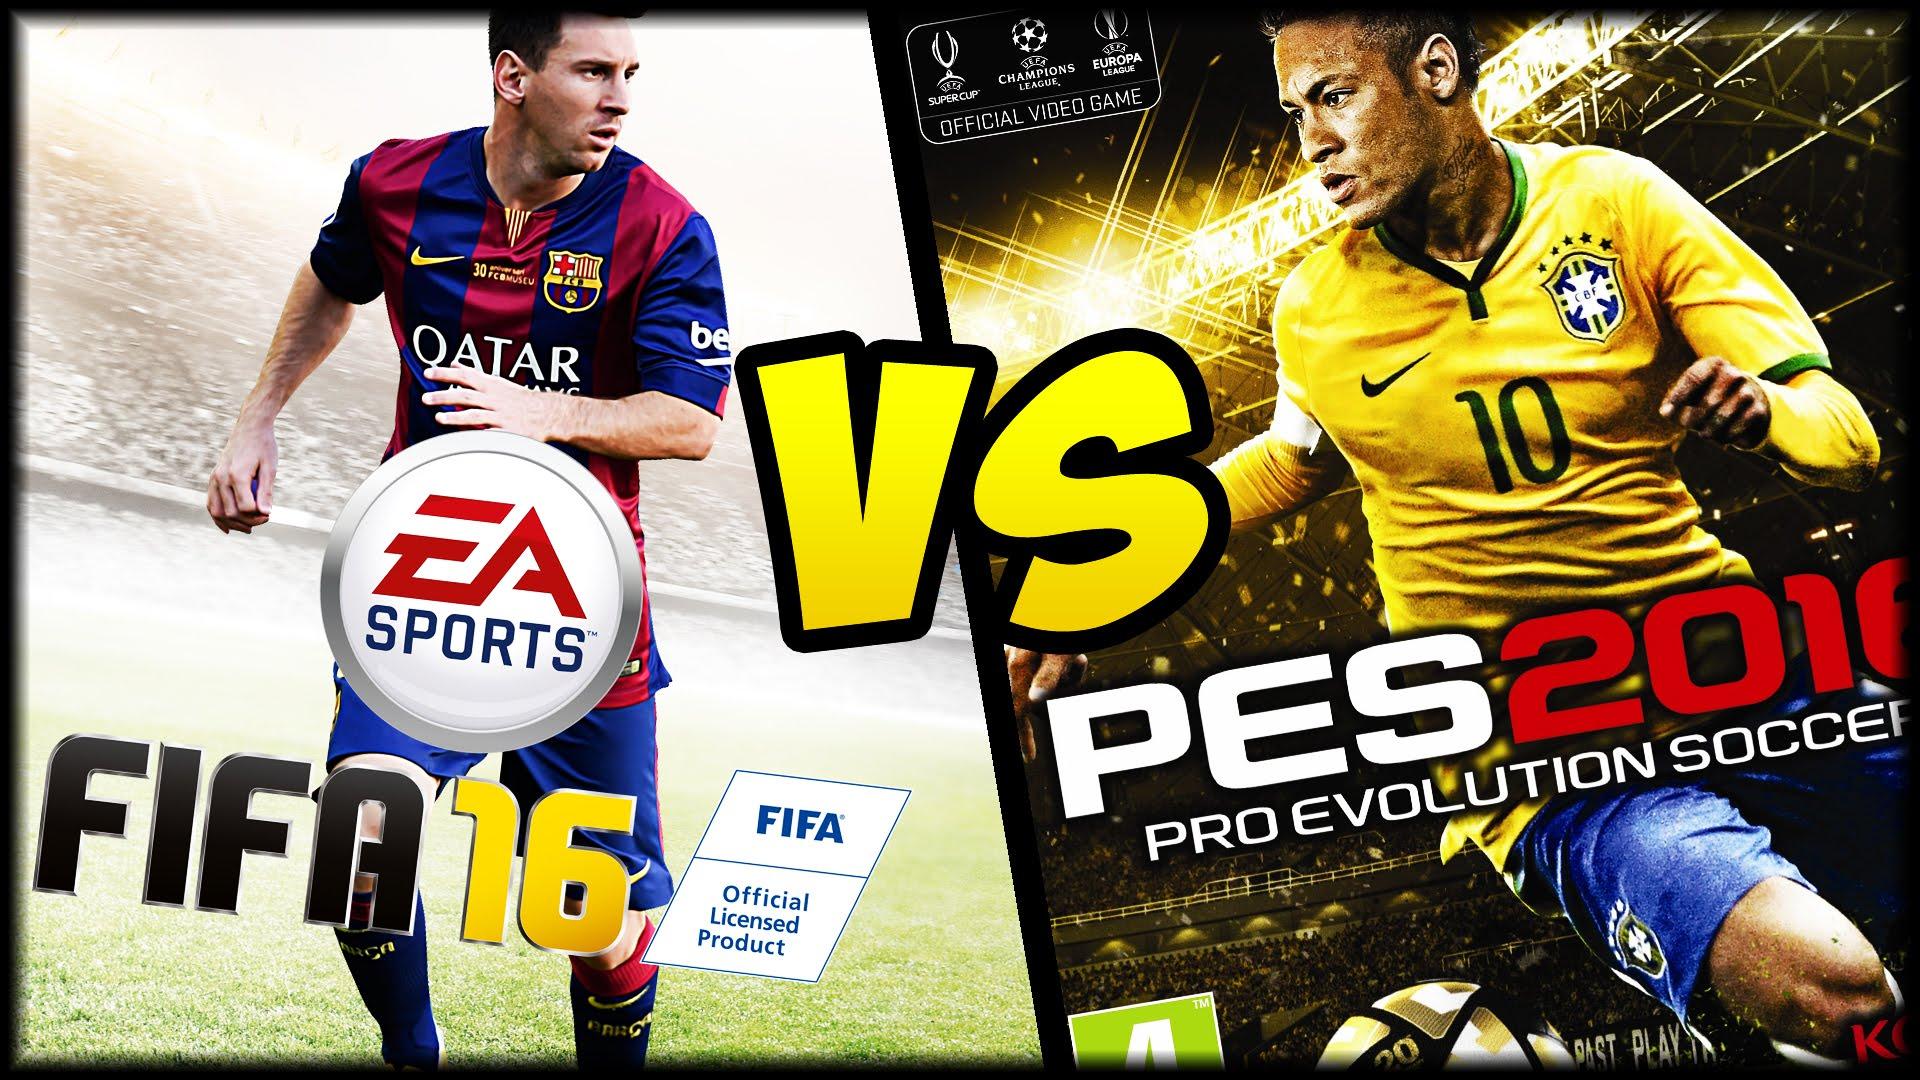 soccer games fifa 16